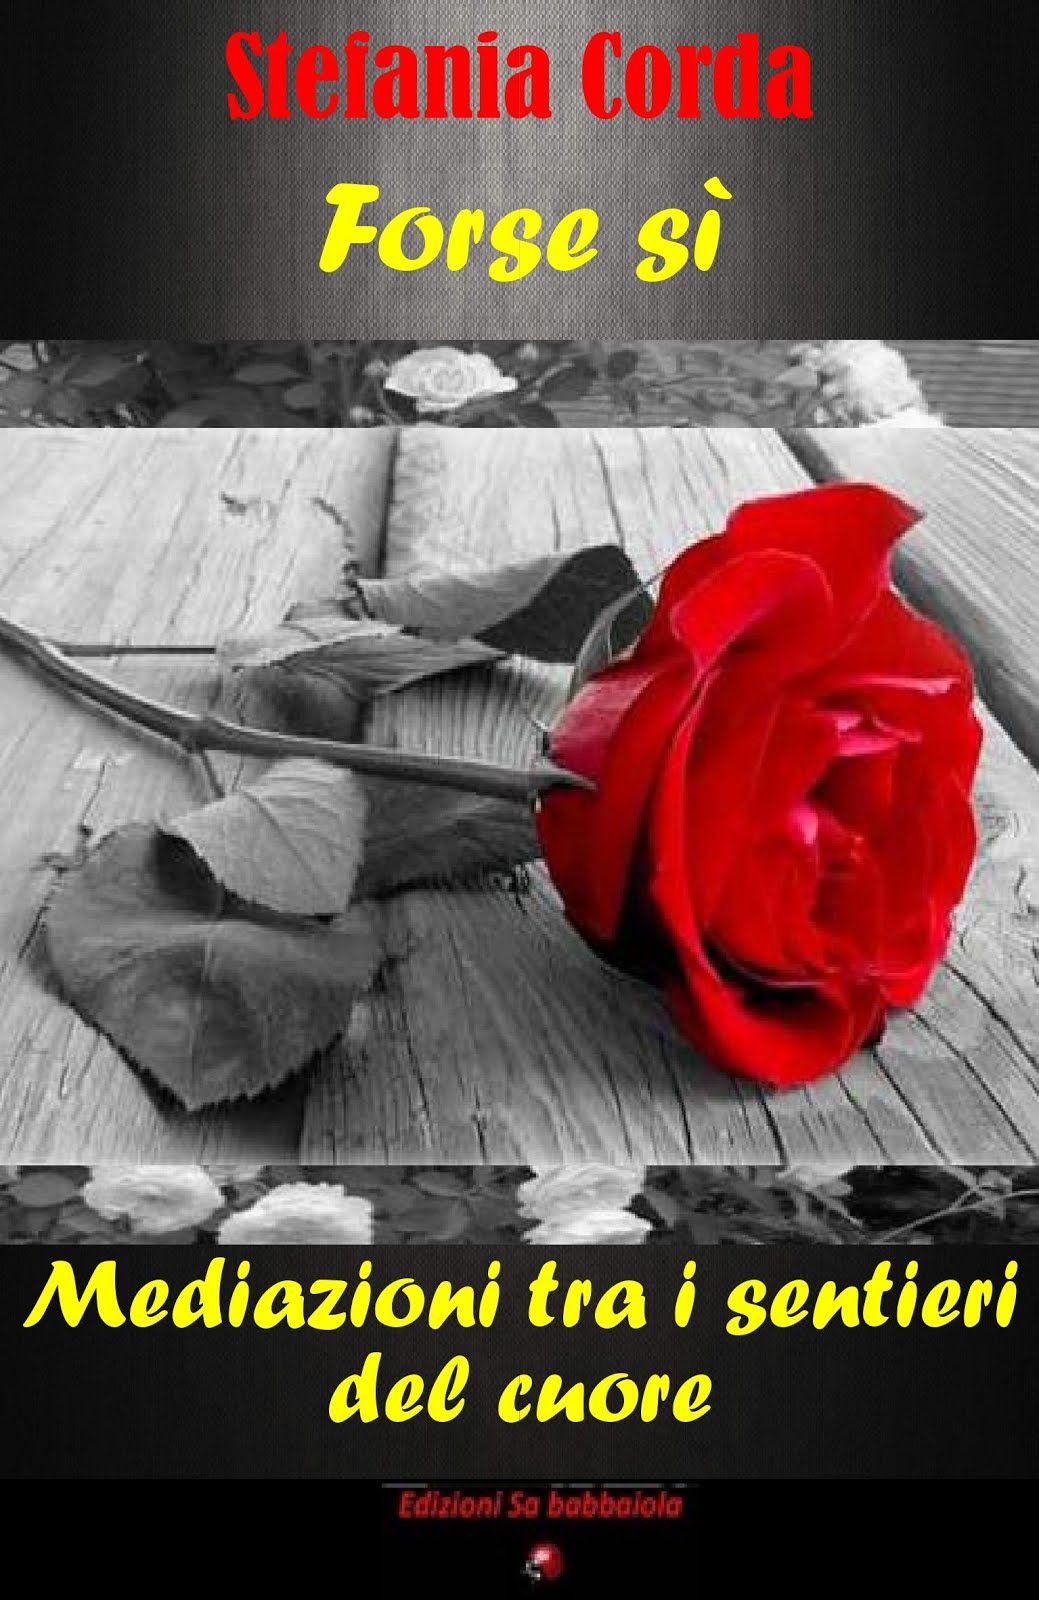 Forse sì, meditazioni tra i sentieri del cuore